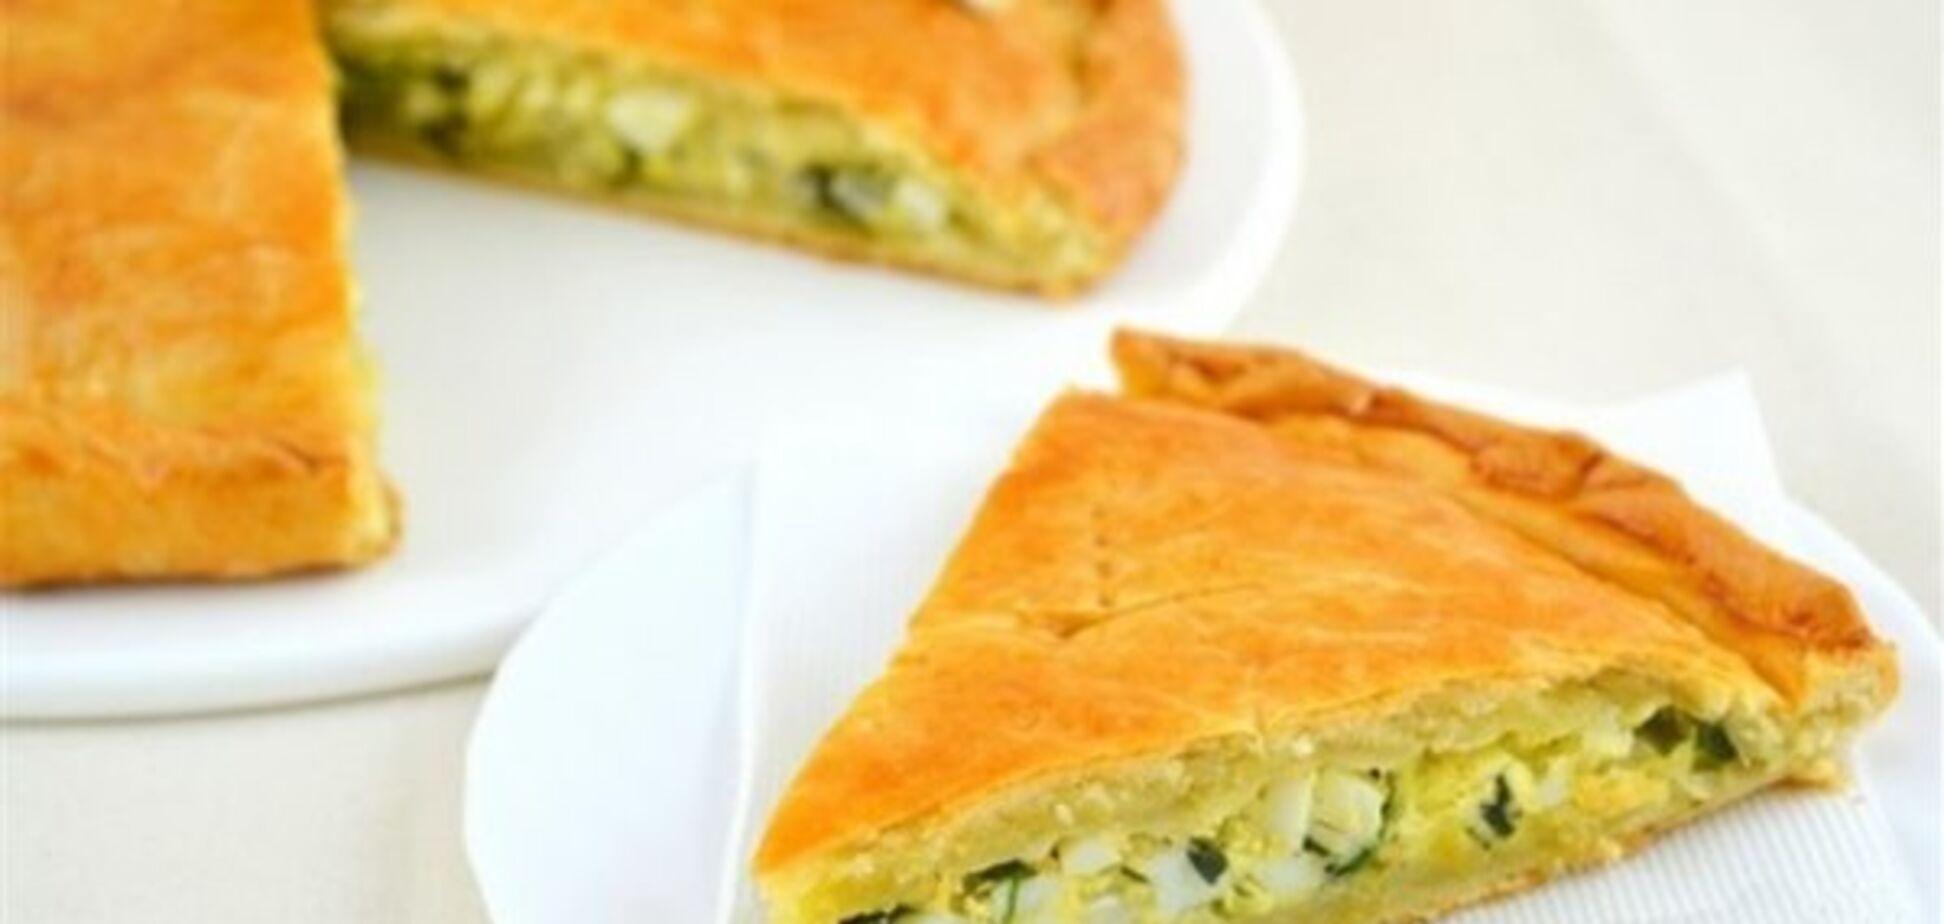 Киш и заливной пирог из молодой капусты или зелени